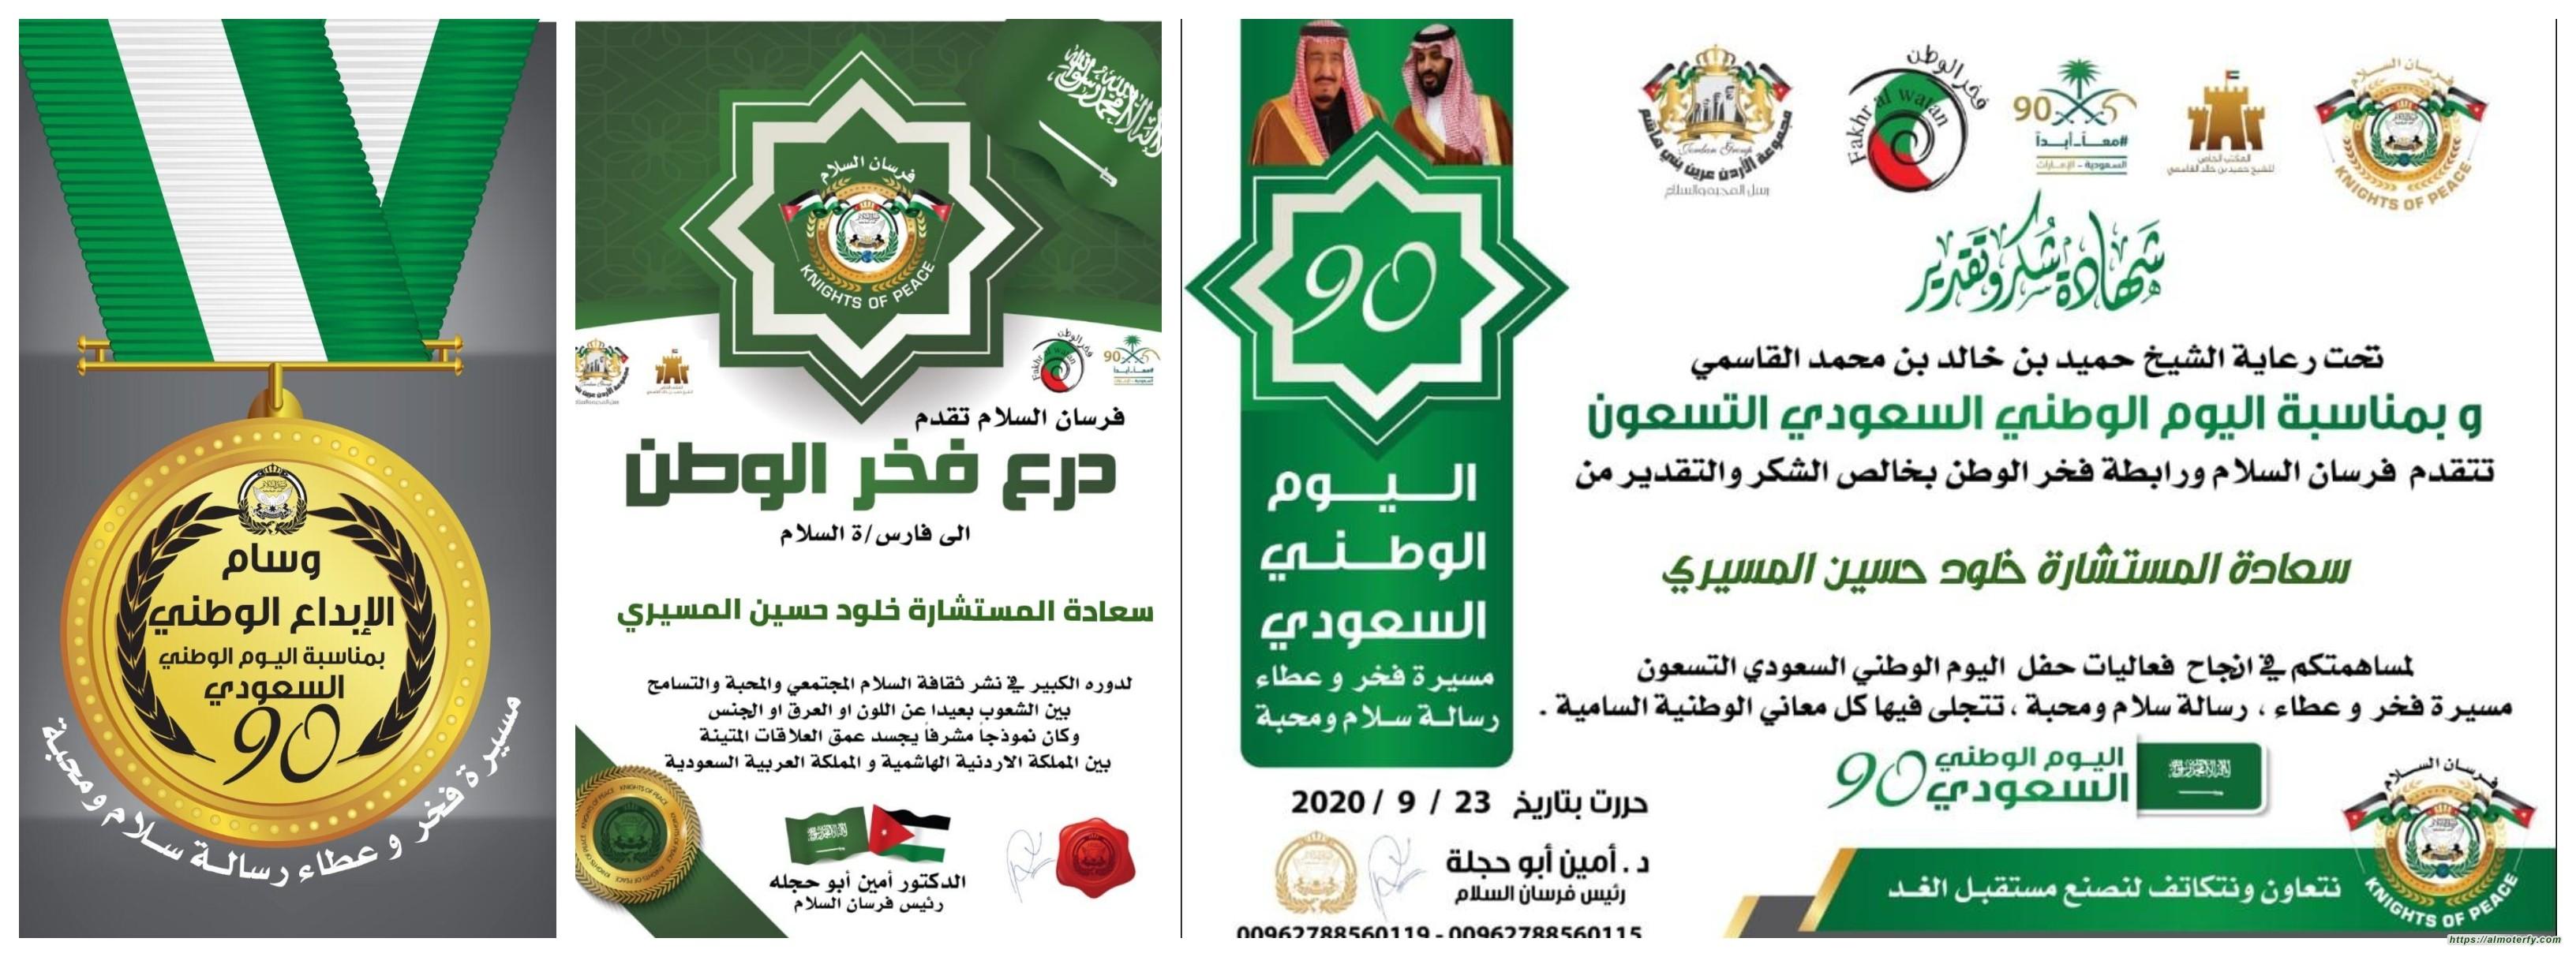 مناسبة اليوم الوطني ٩٠ للمملكة العربية السعودية تكريم الدكتورة خلود المسيري